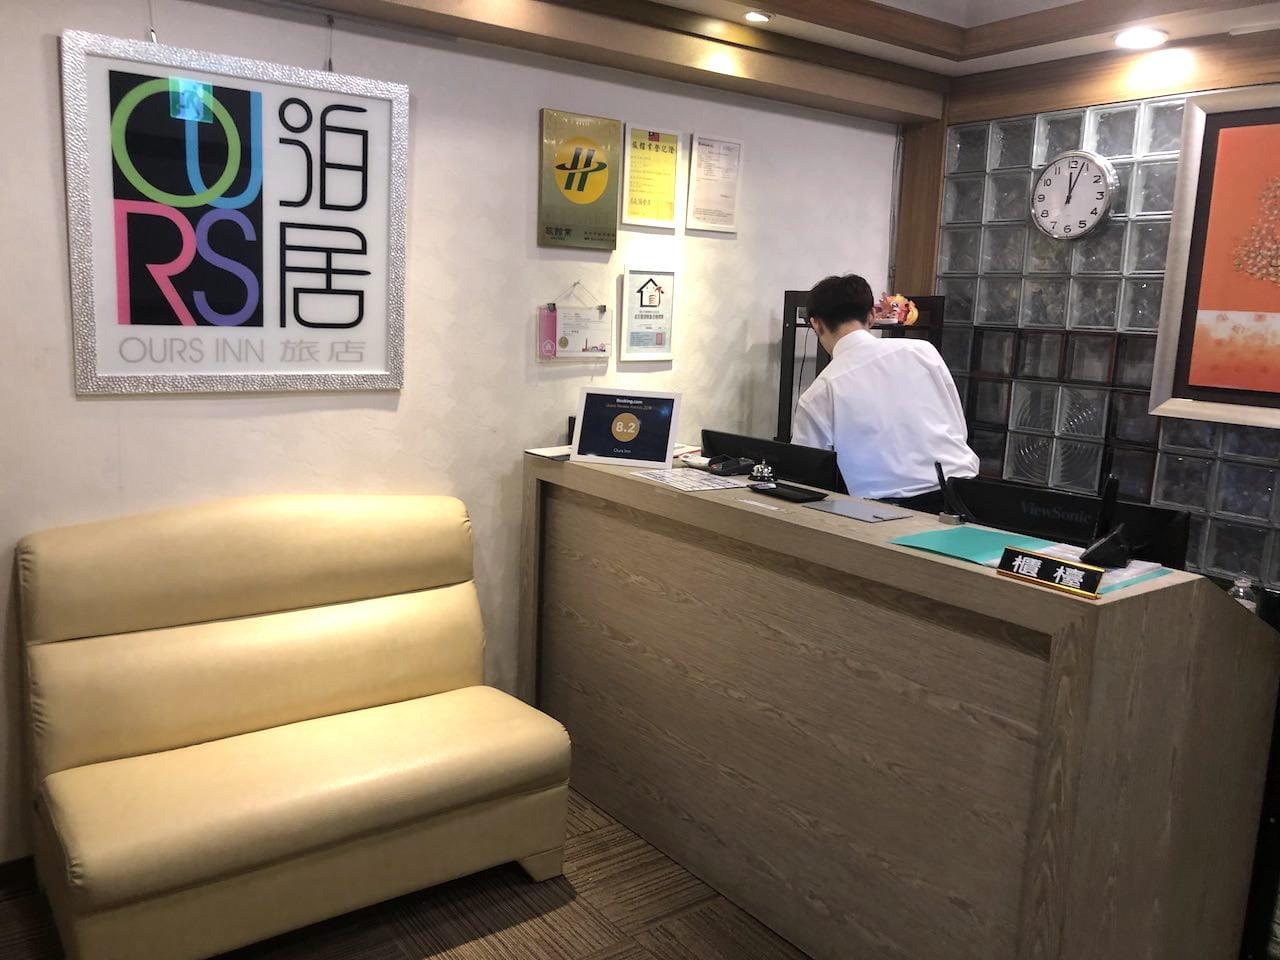 Taipei hotel oursinn 0020